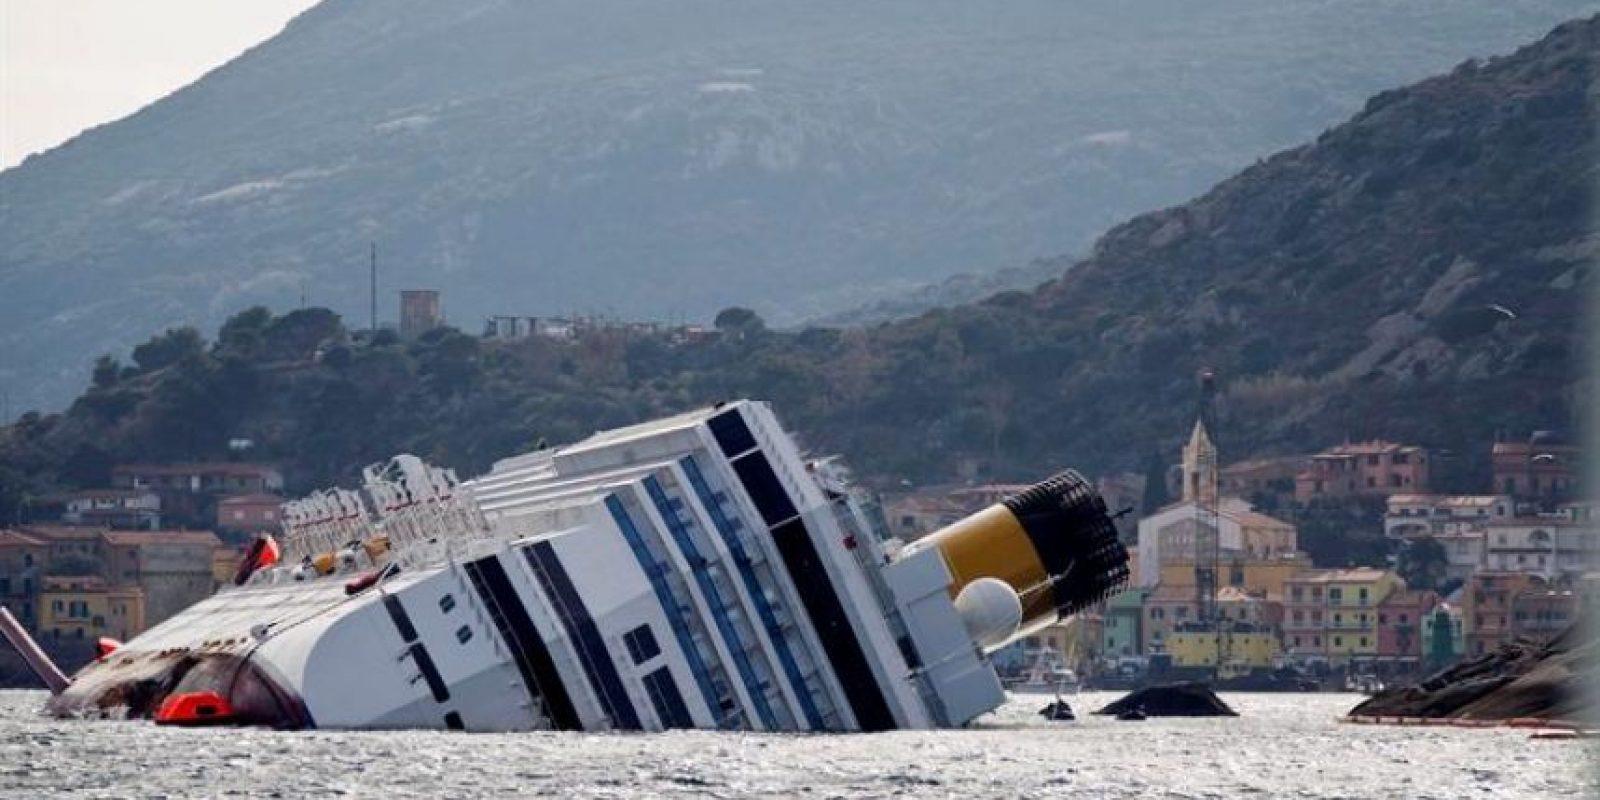 El crucero naufragó el pasado 13 de enero con más de 4.000 personas a bordo. Foto:EFE